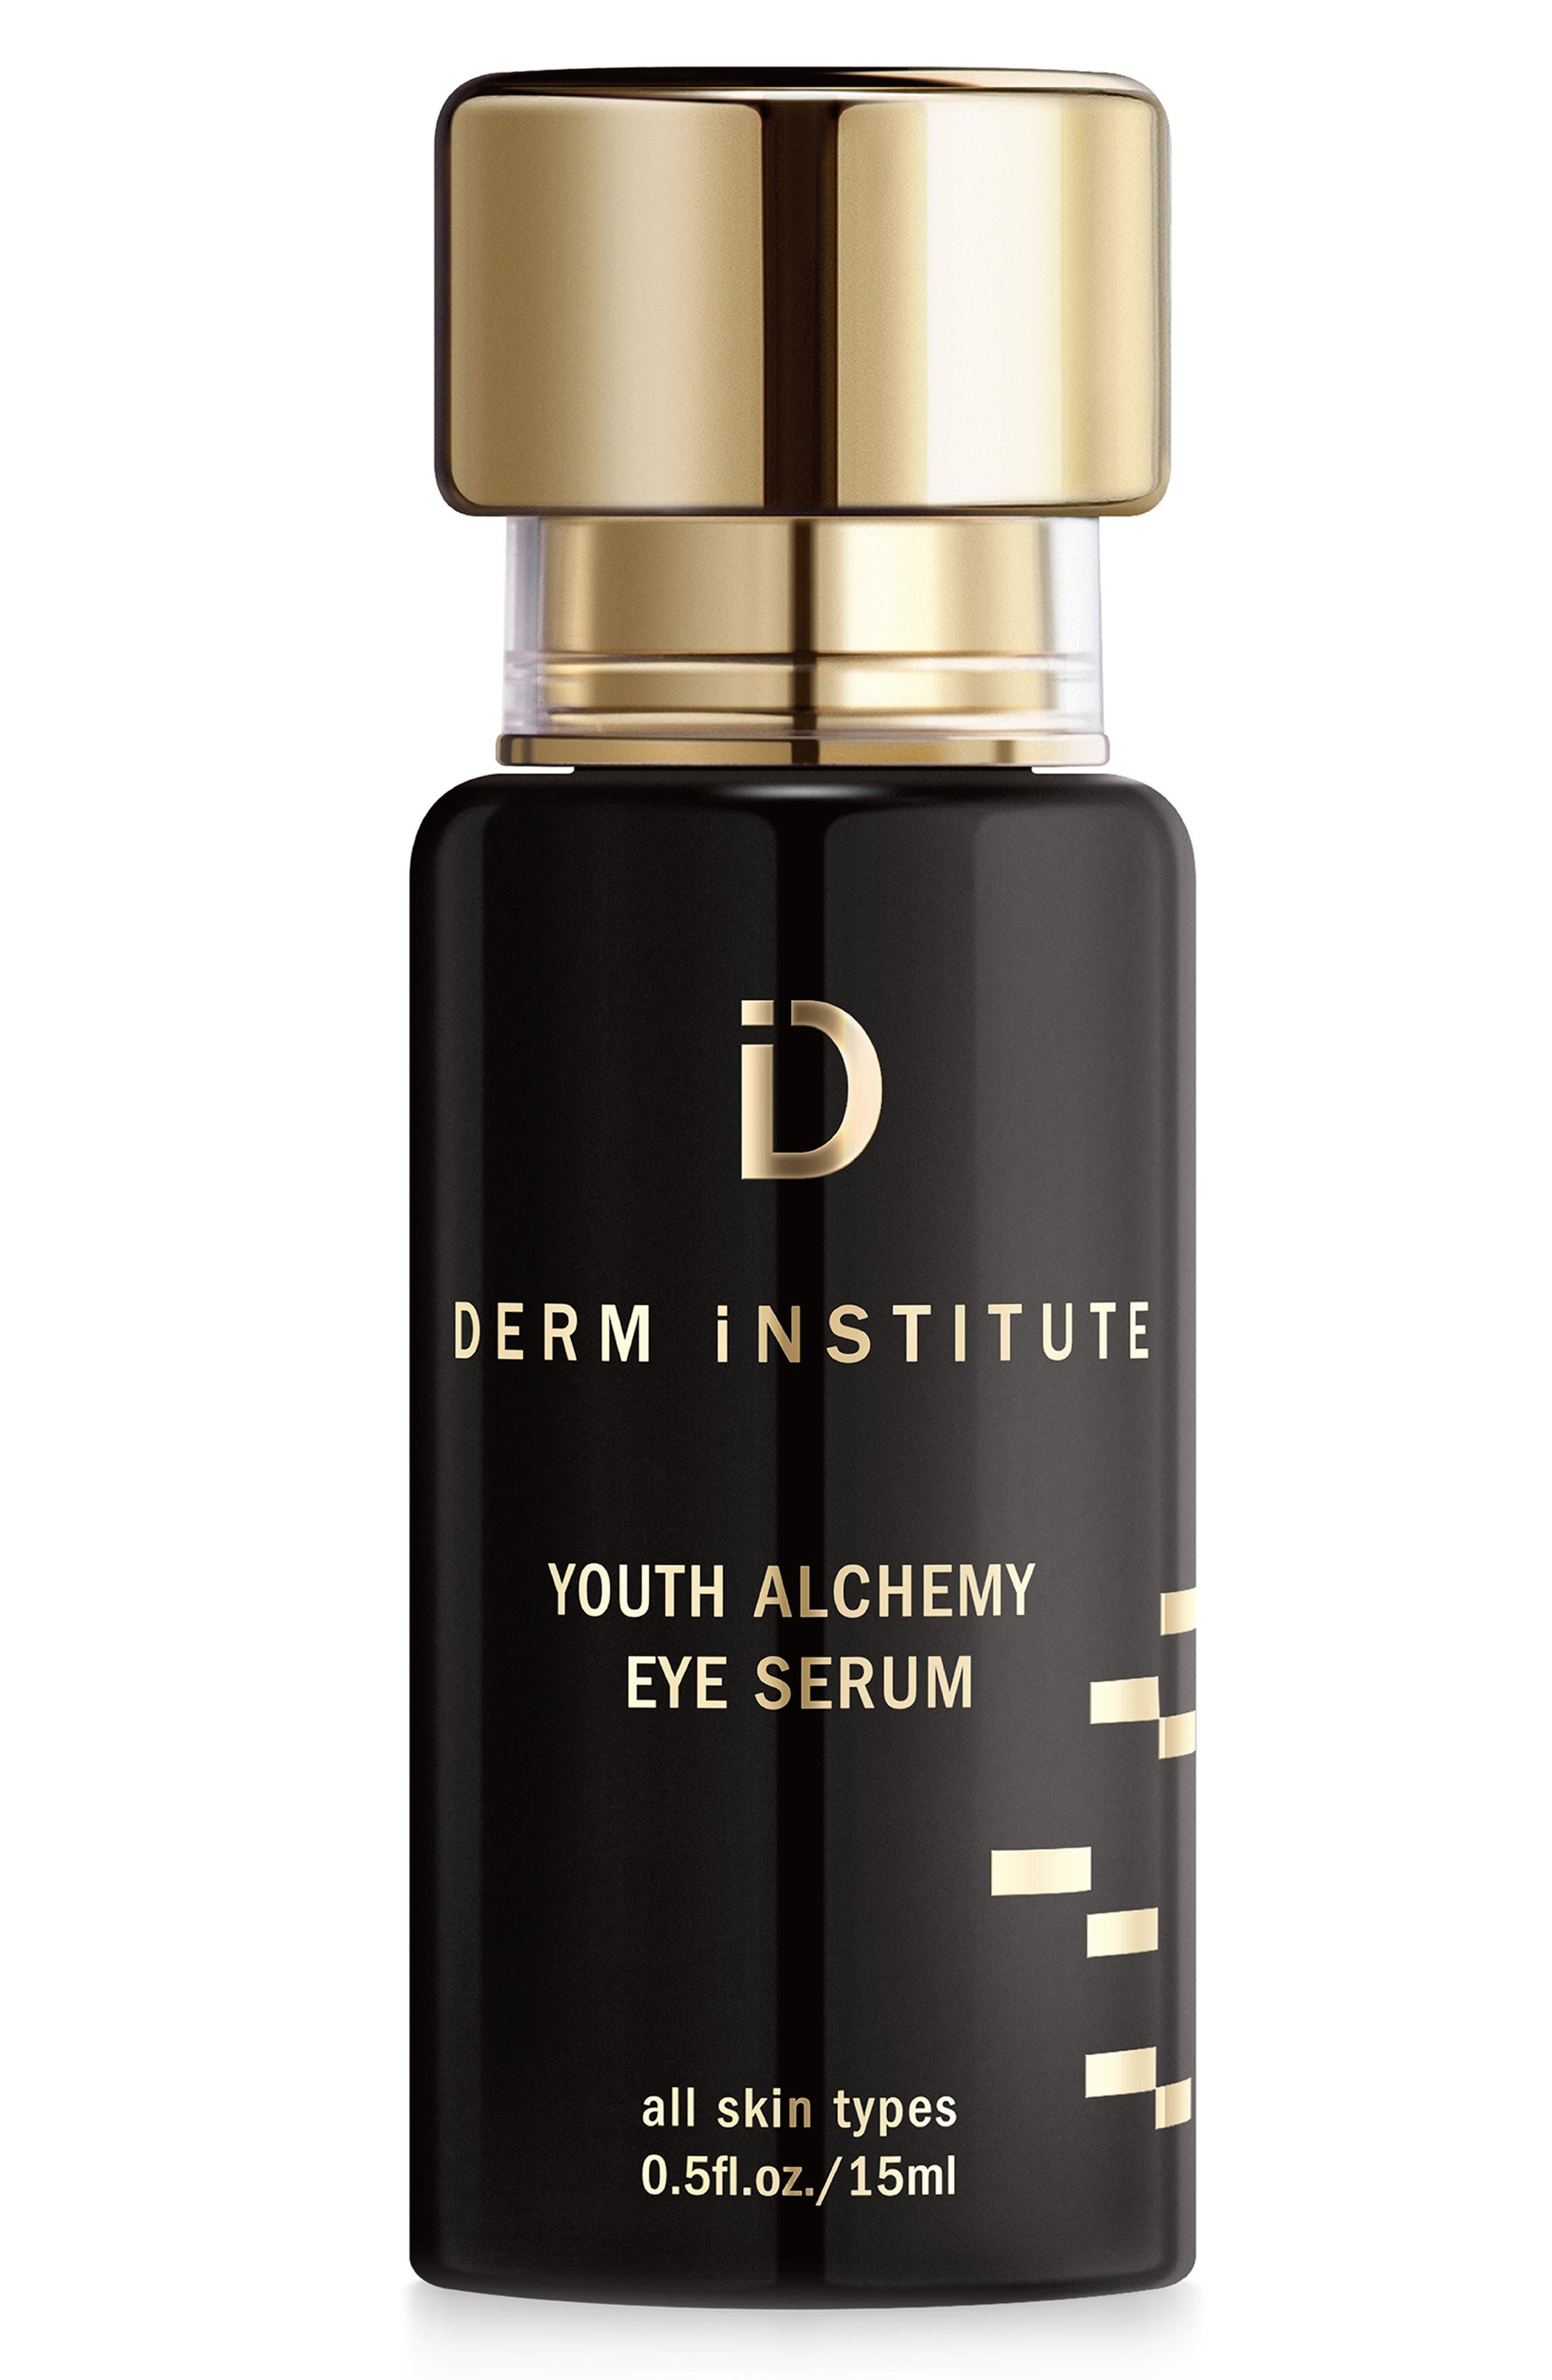 Youth Alchemy Eye Serum